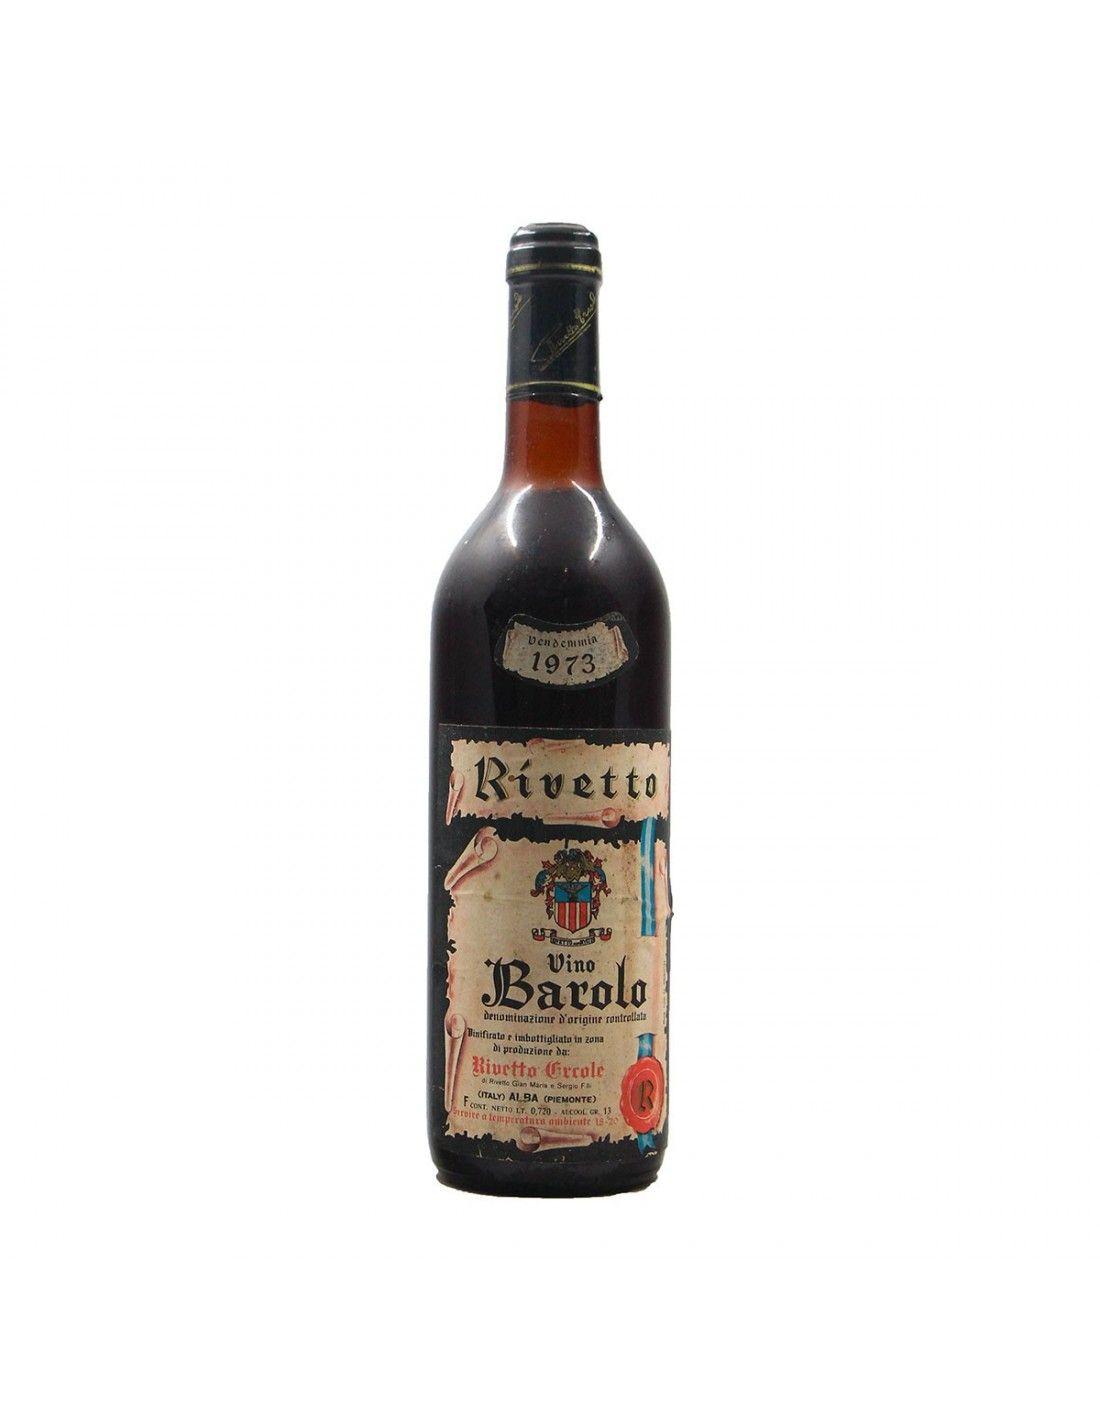 Barolo 1973 RIVETTO ERCOLE GRANDI BOTTIGLIE